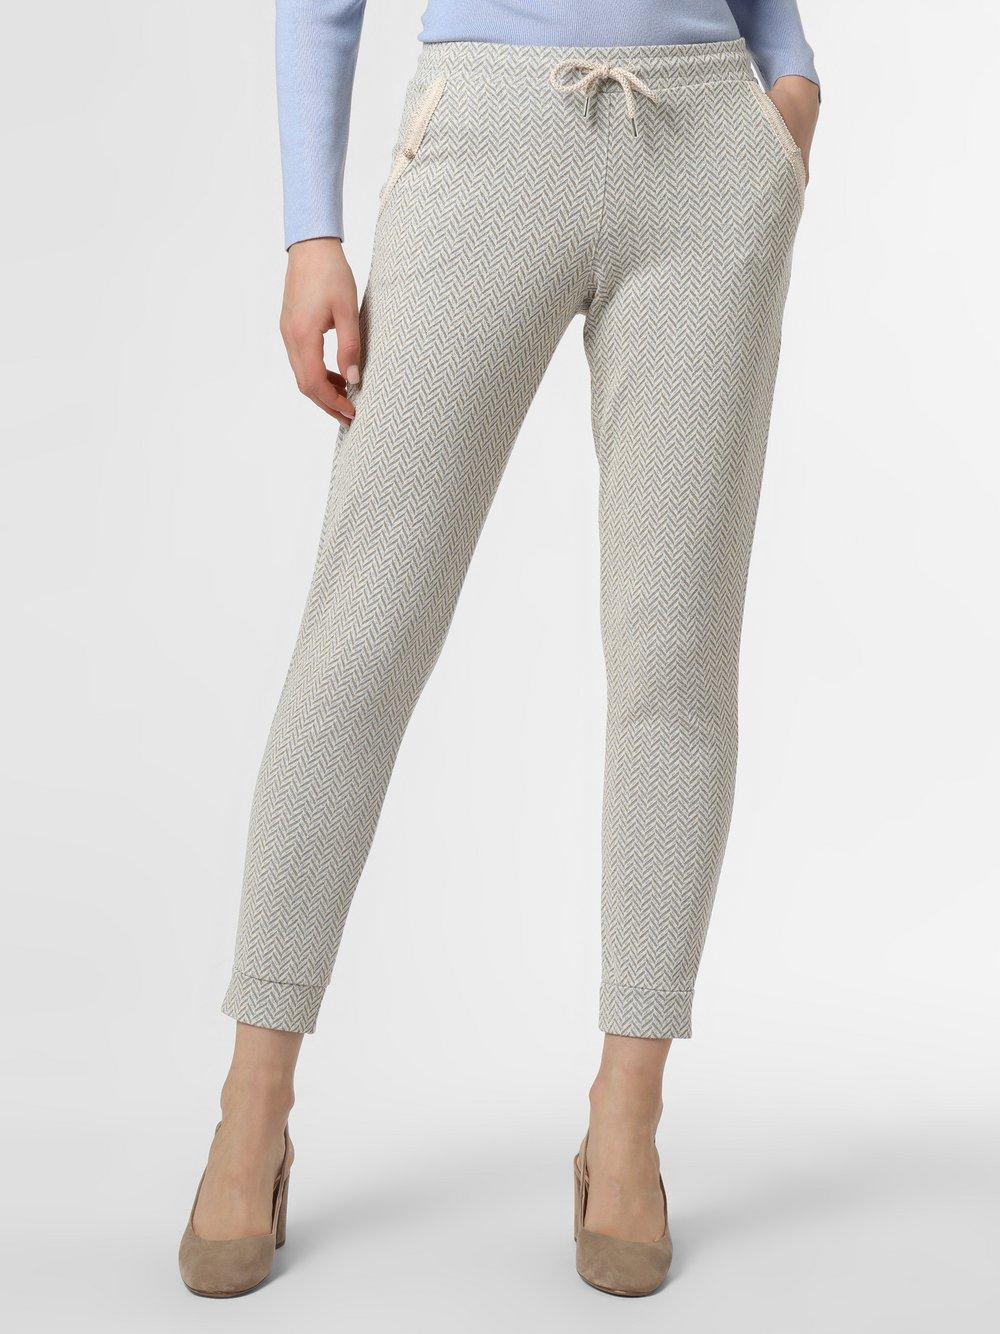 Rich & Royal - Damskie spodnie dresowe, beżowy